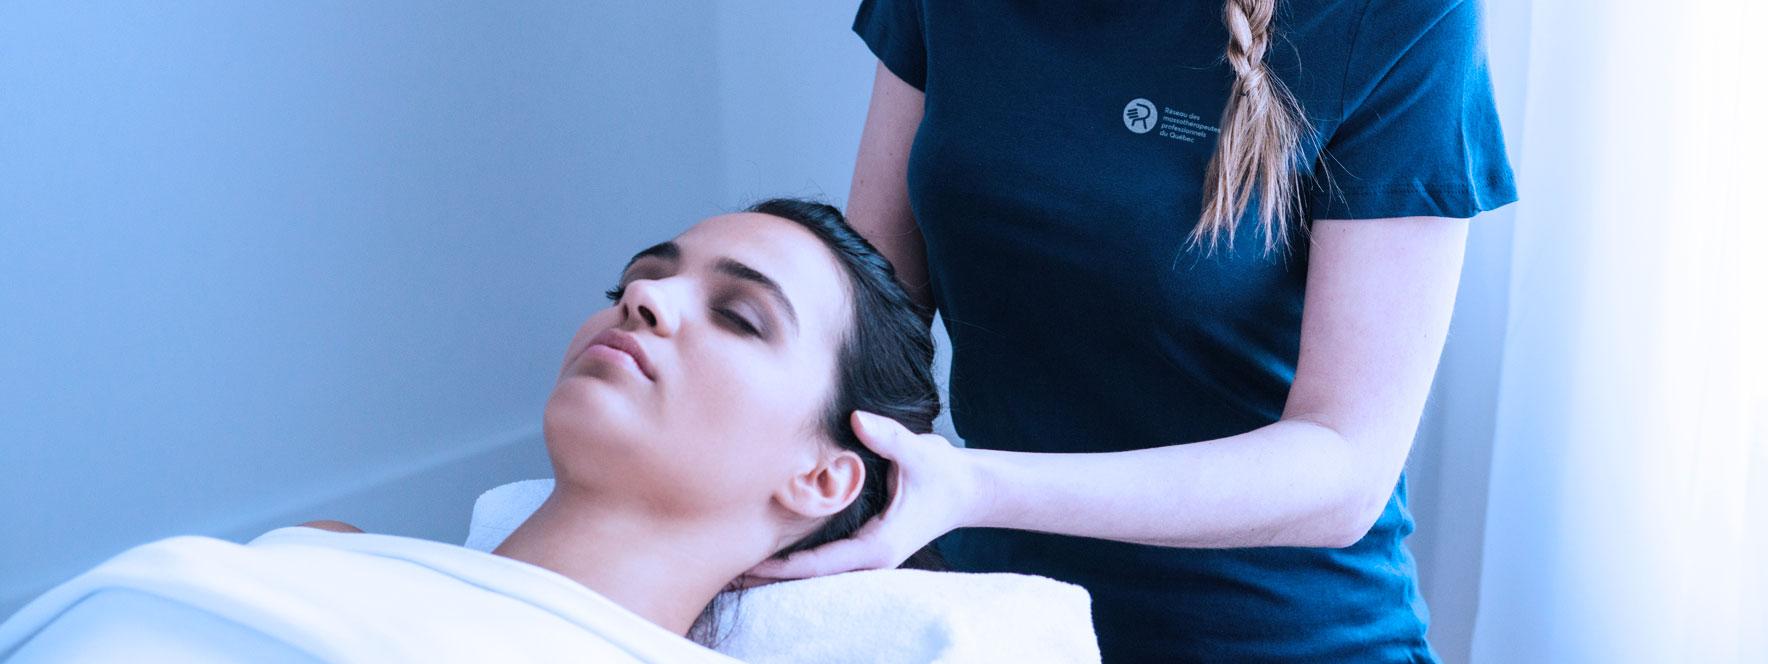 Les bienfaits du massage stress post-traumatique | Réseau